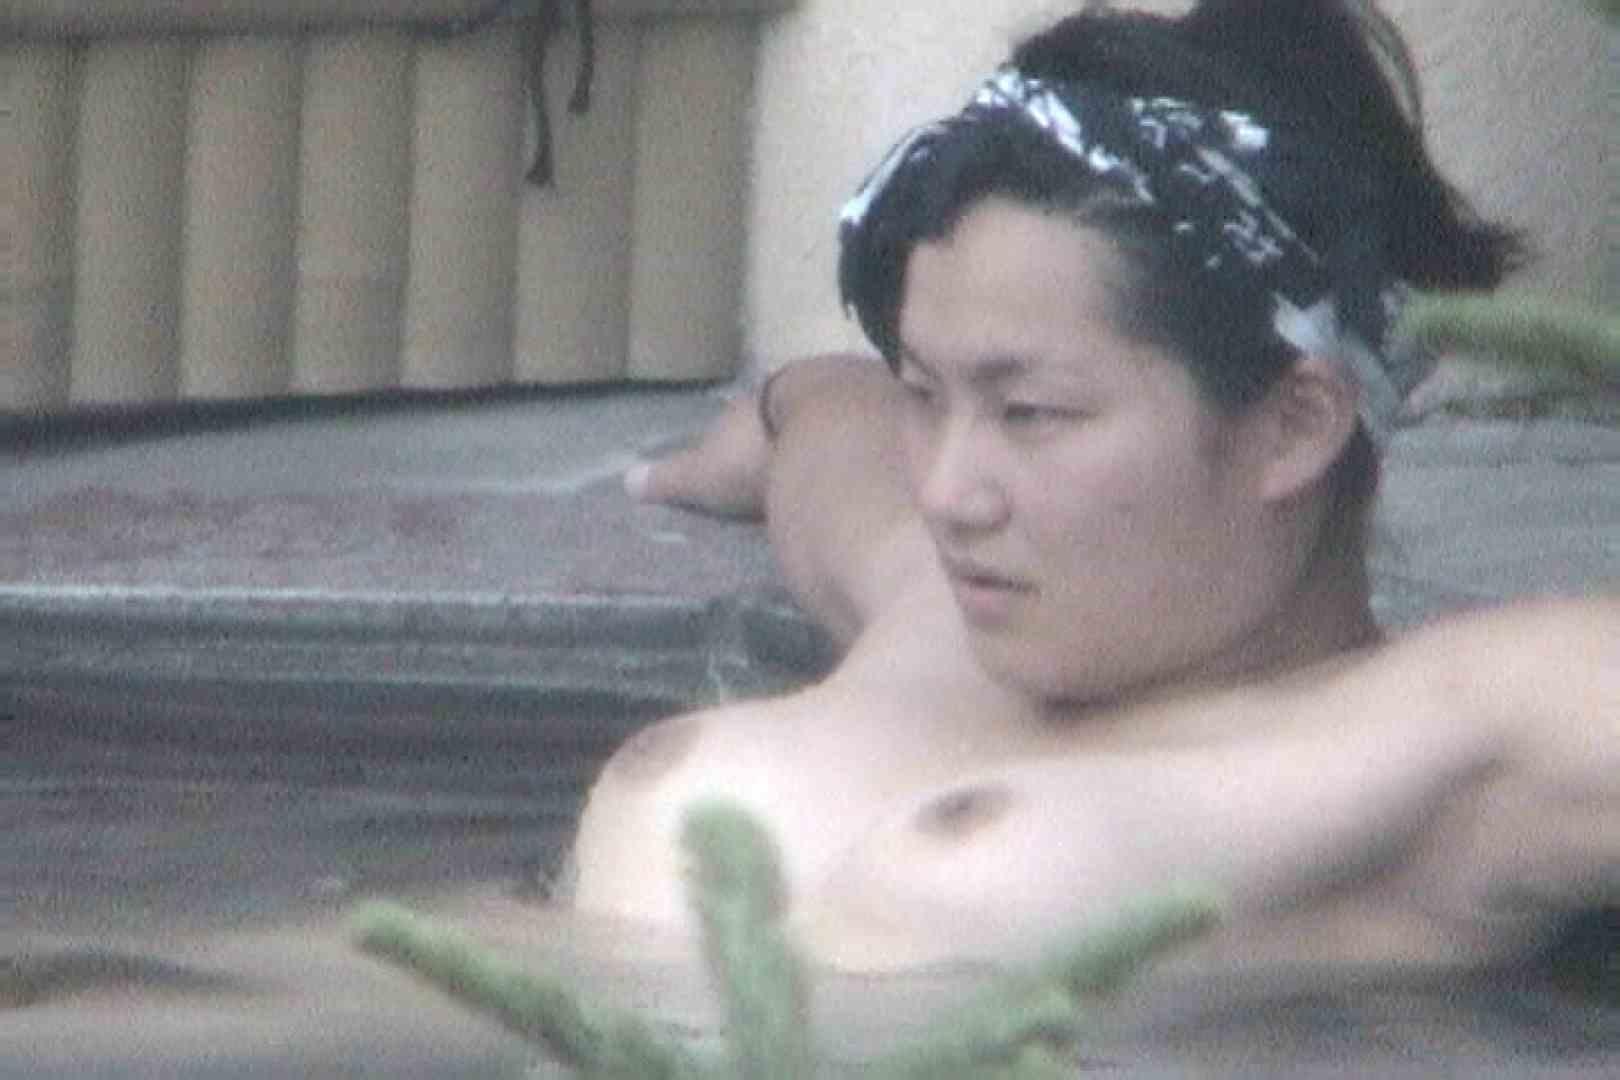 Aquaな露天風呂Vol.103 露天  57画像 57